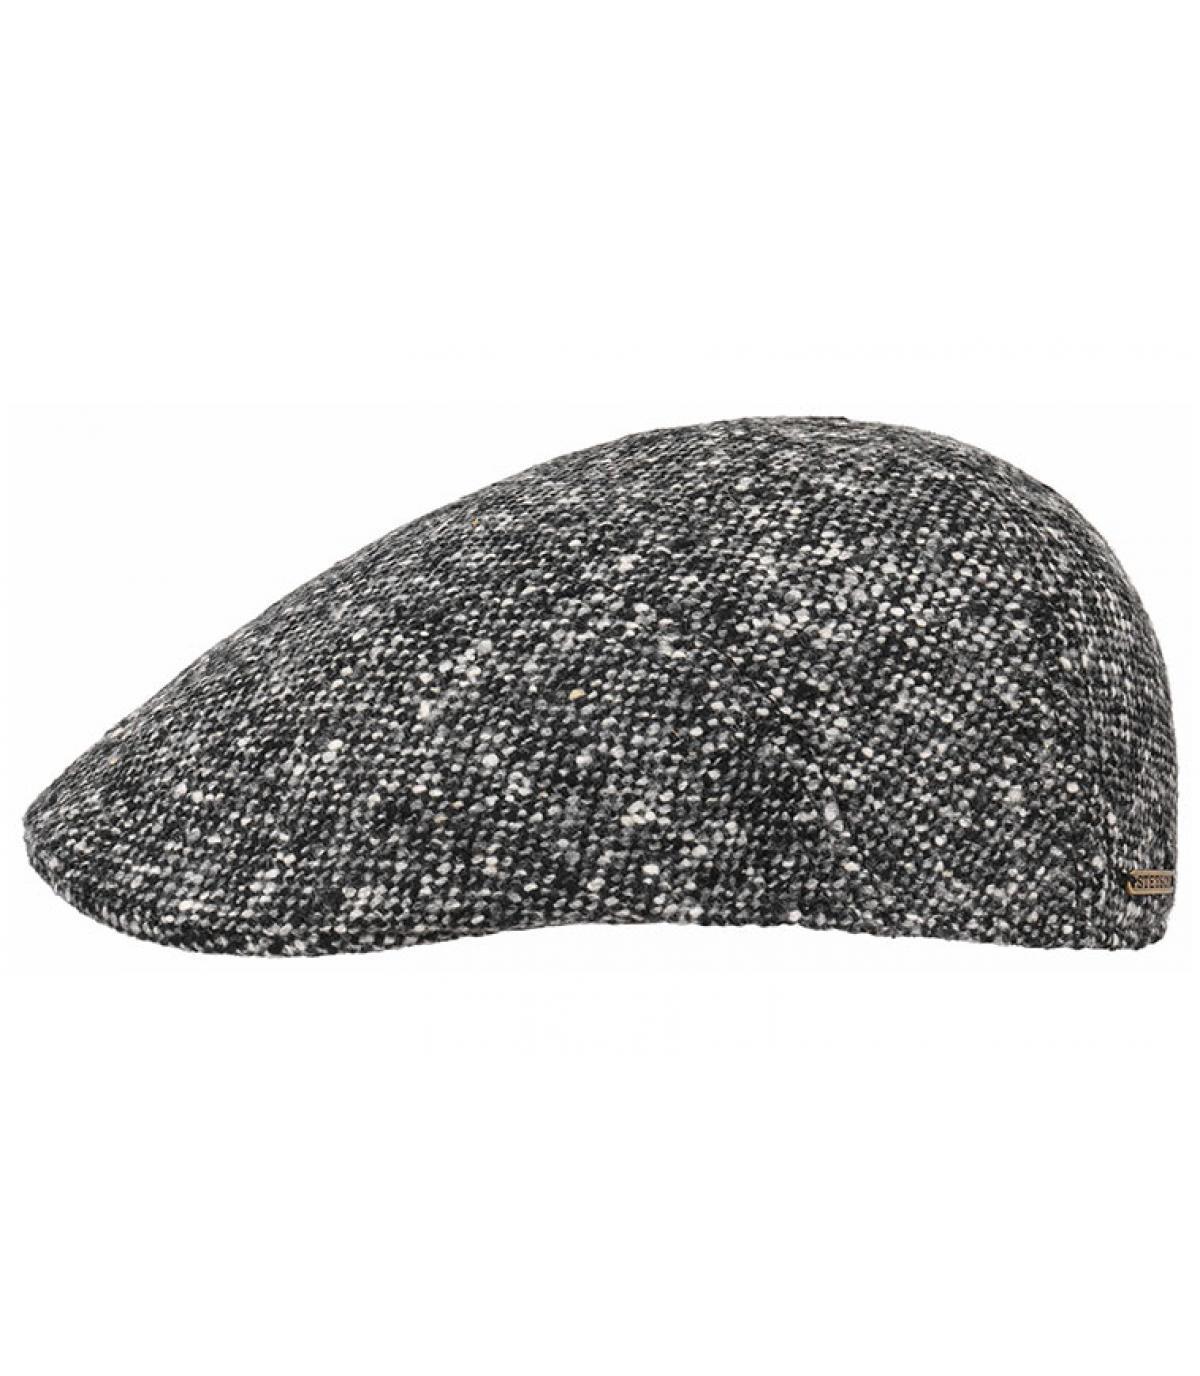 Barett Wolle grau Stetson